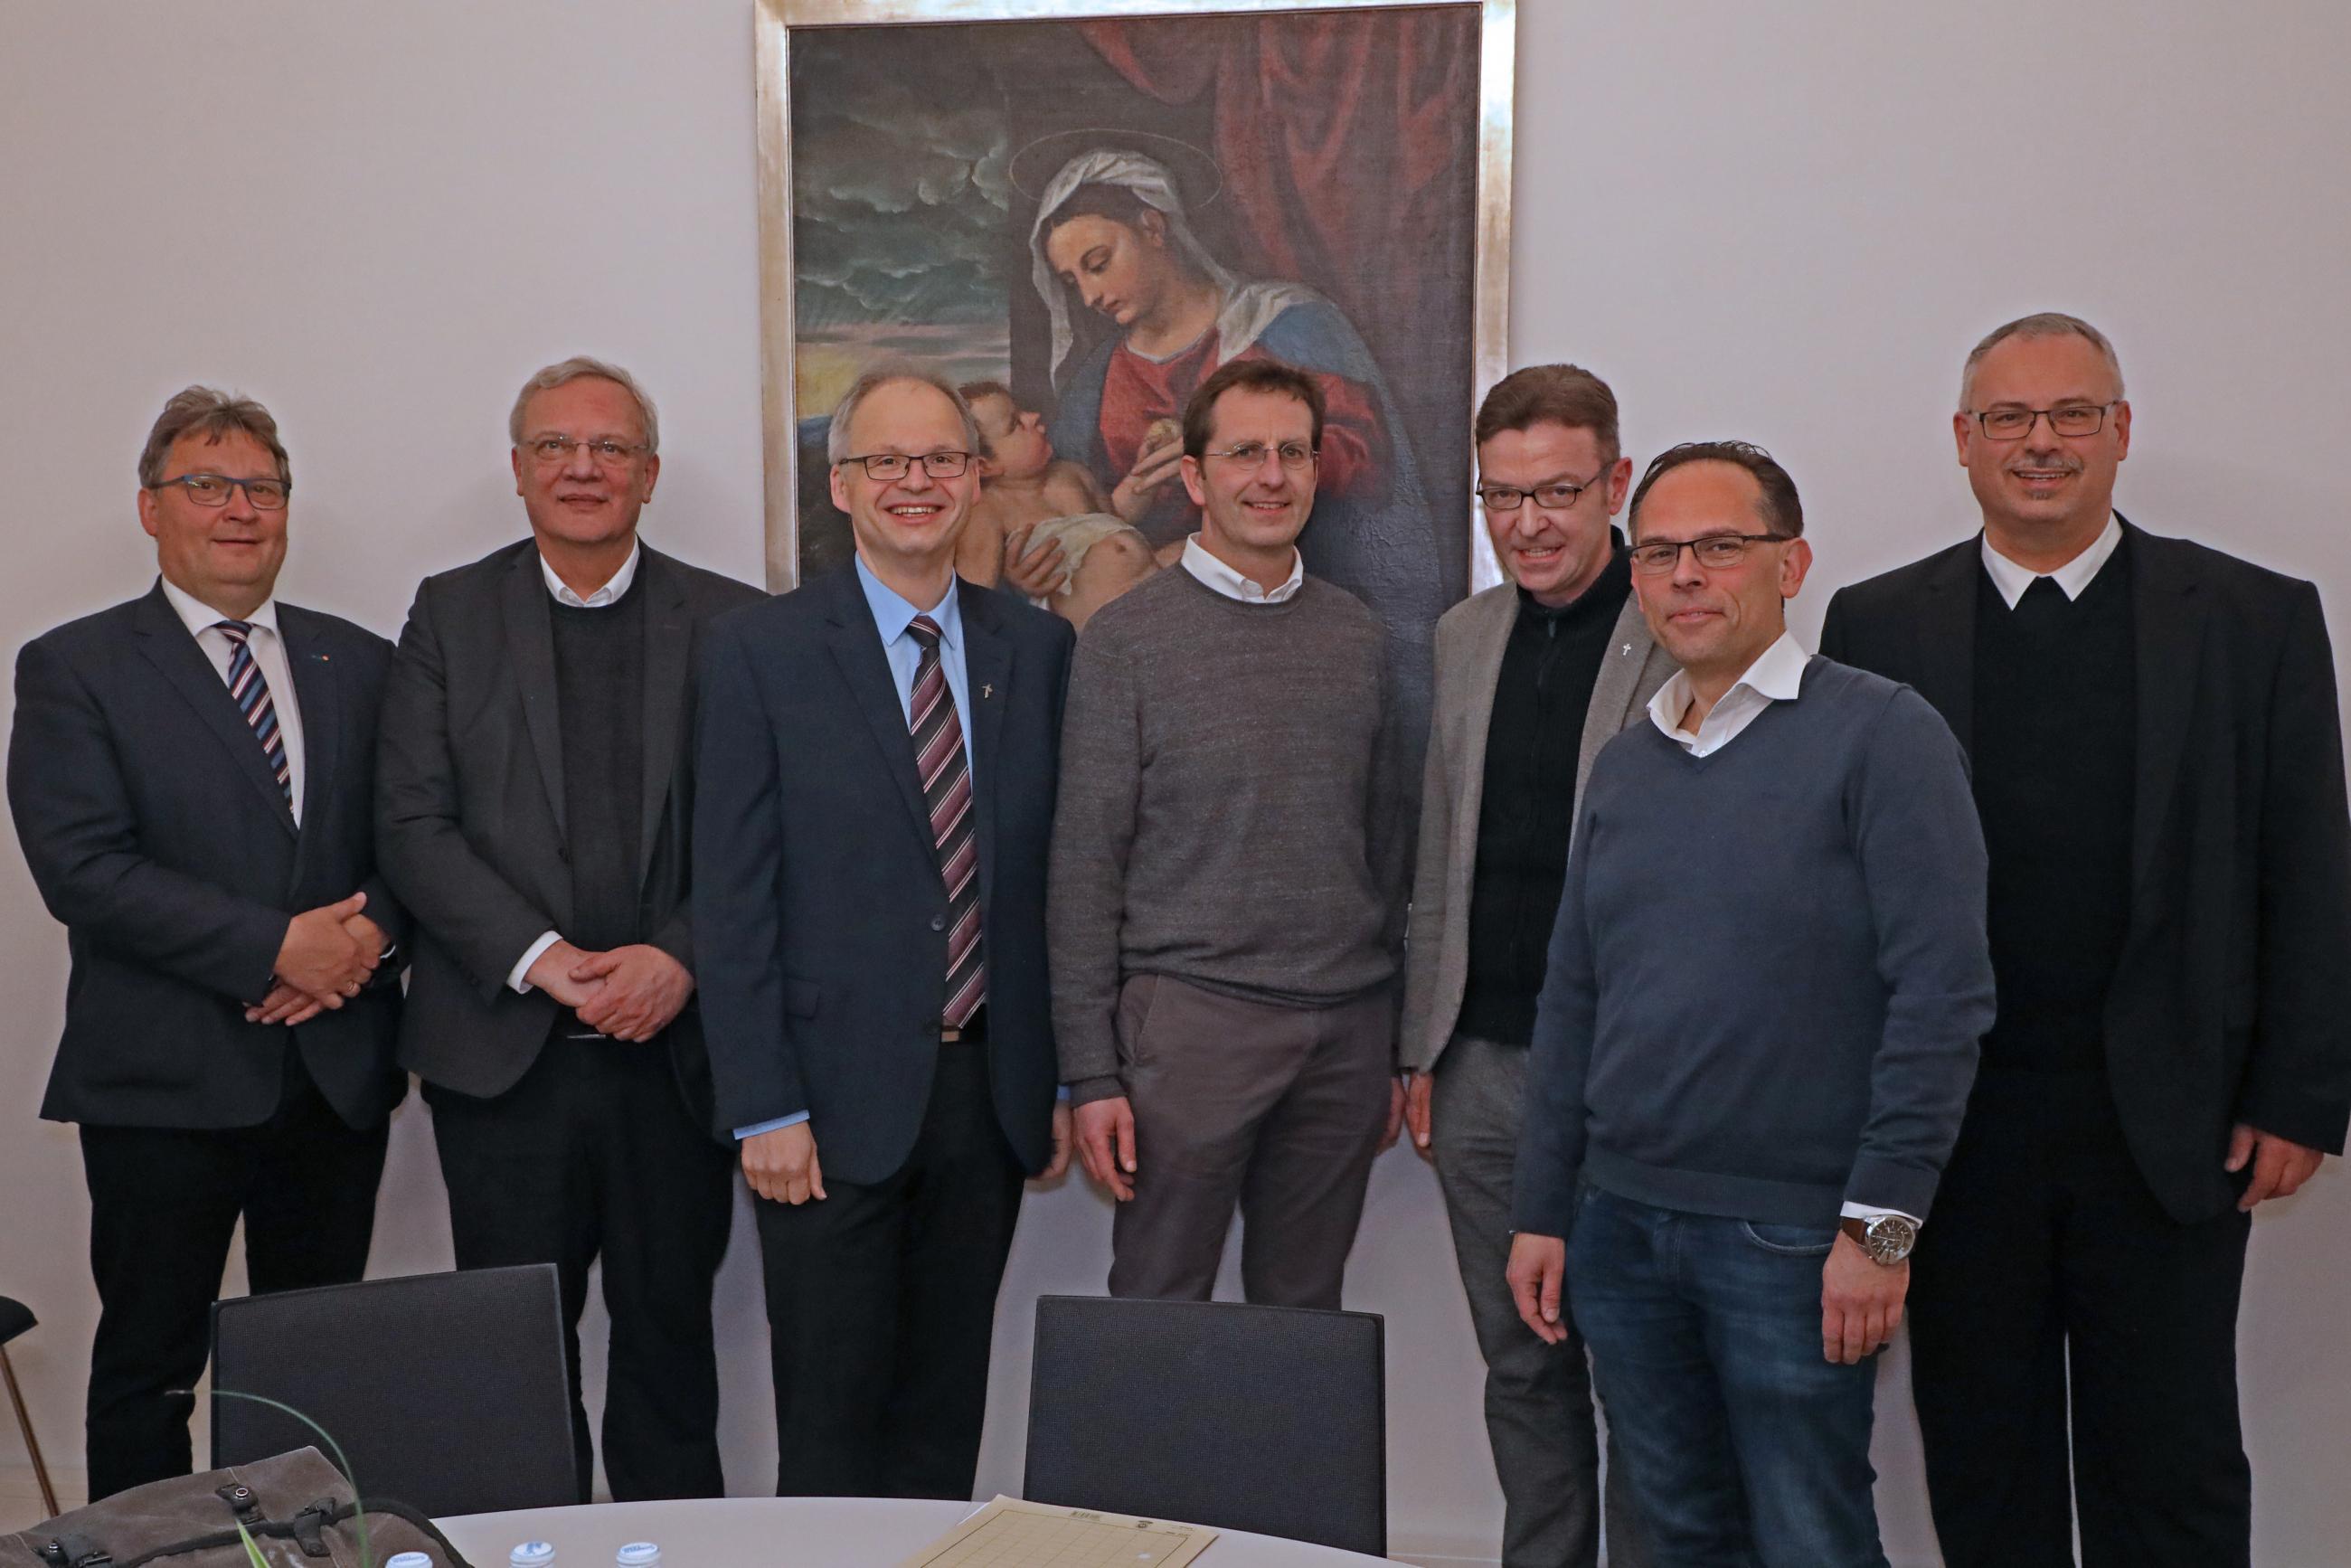 2019_news__Bischöfliche-Kommission-neue-Mitglieder_Gruppe1